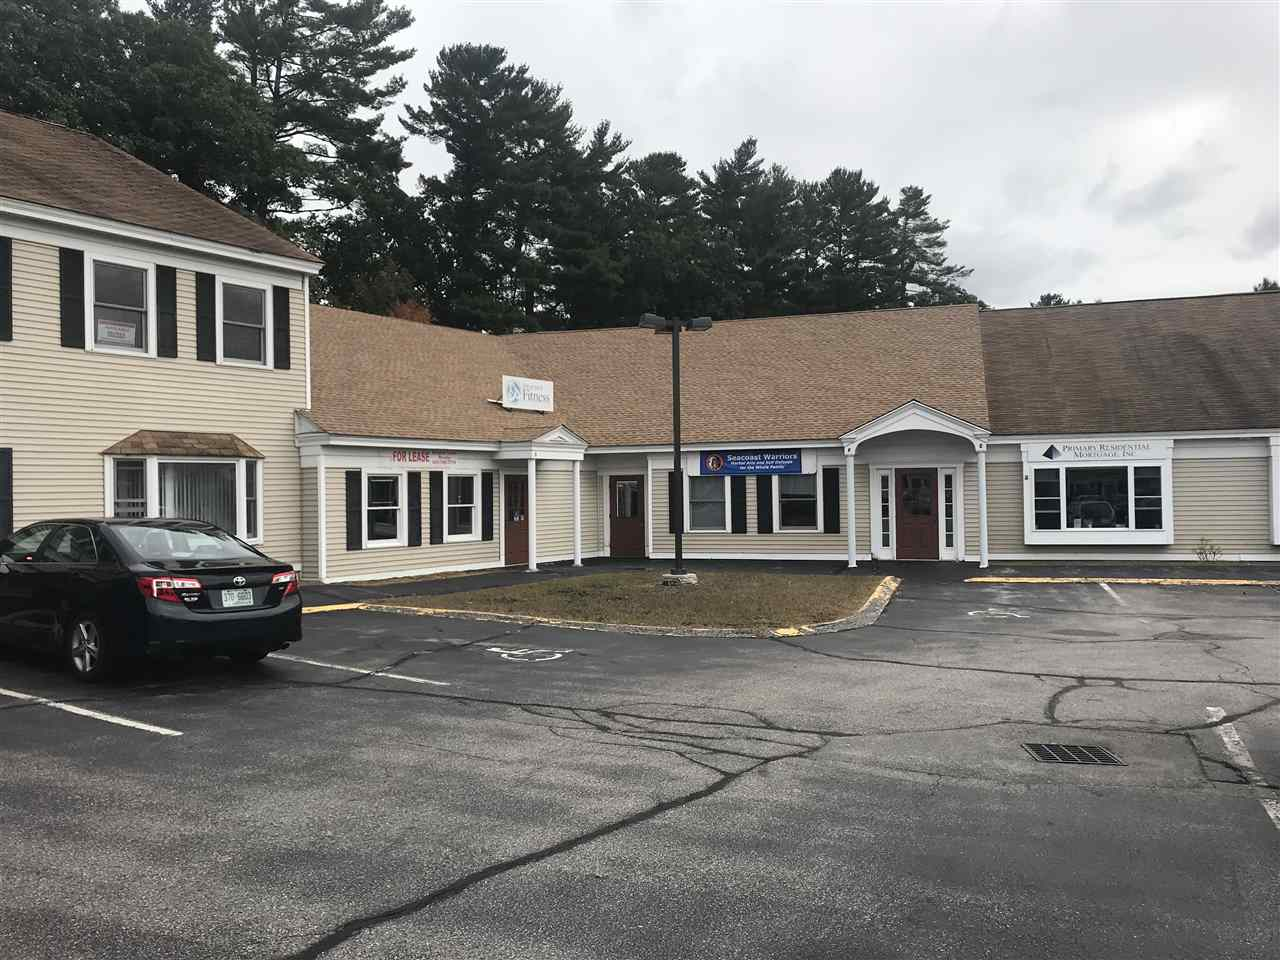 44 Dover Point, #i, Dover, 03820 | Maxfield Real Estate